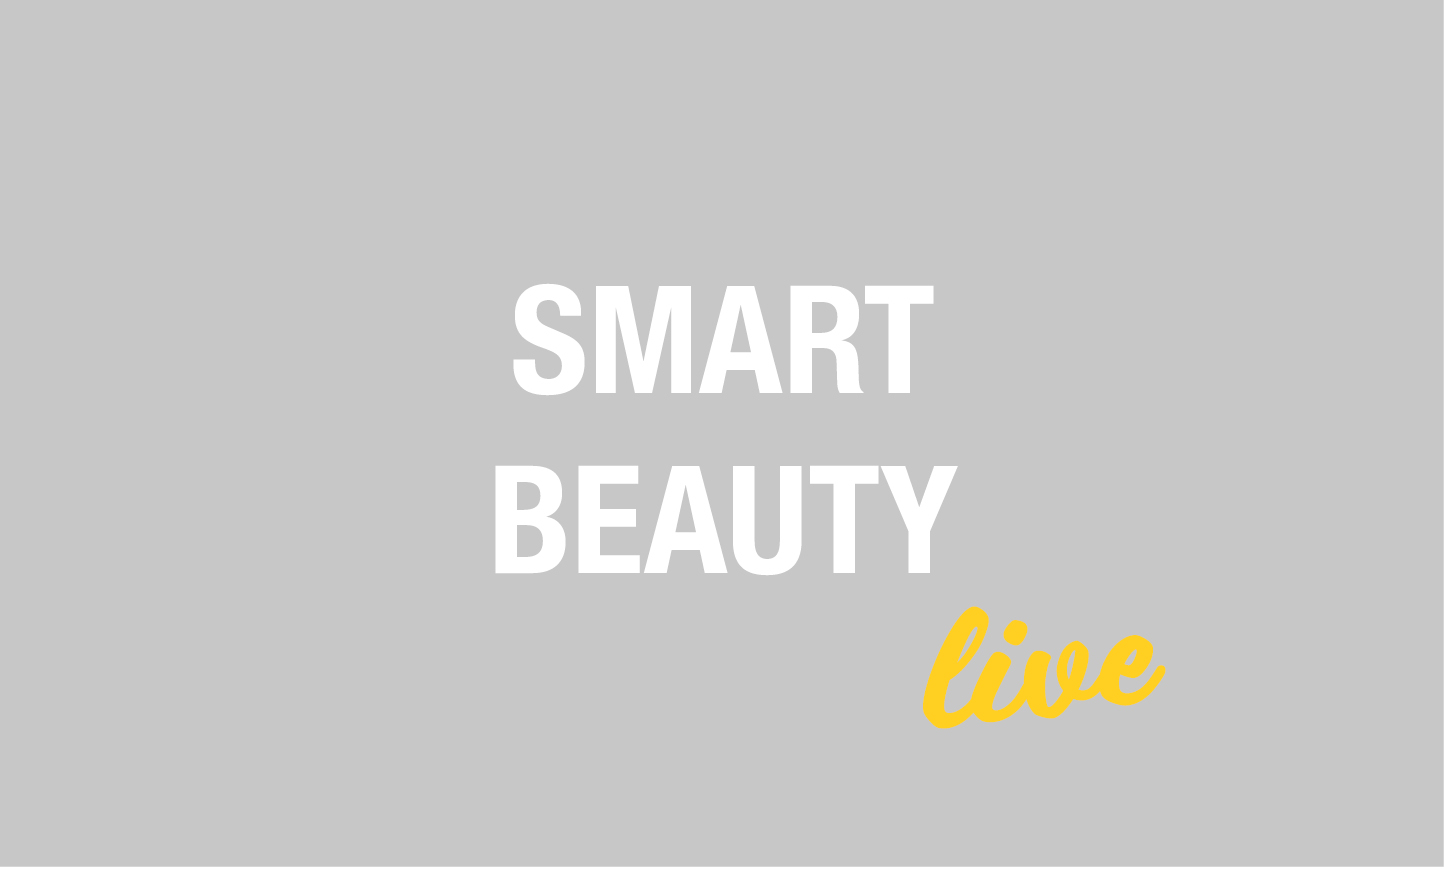 Smart Beauty